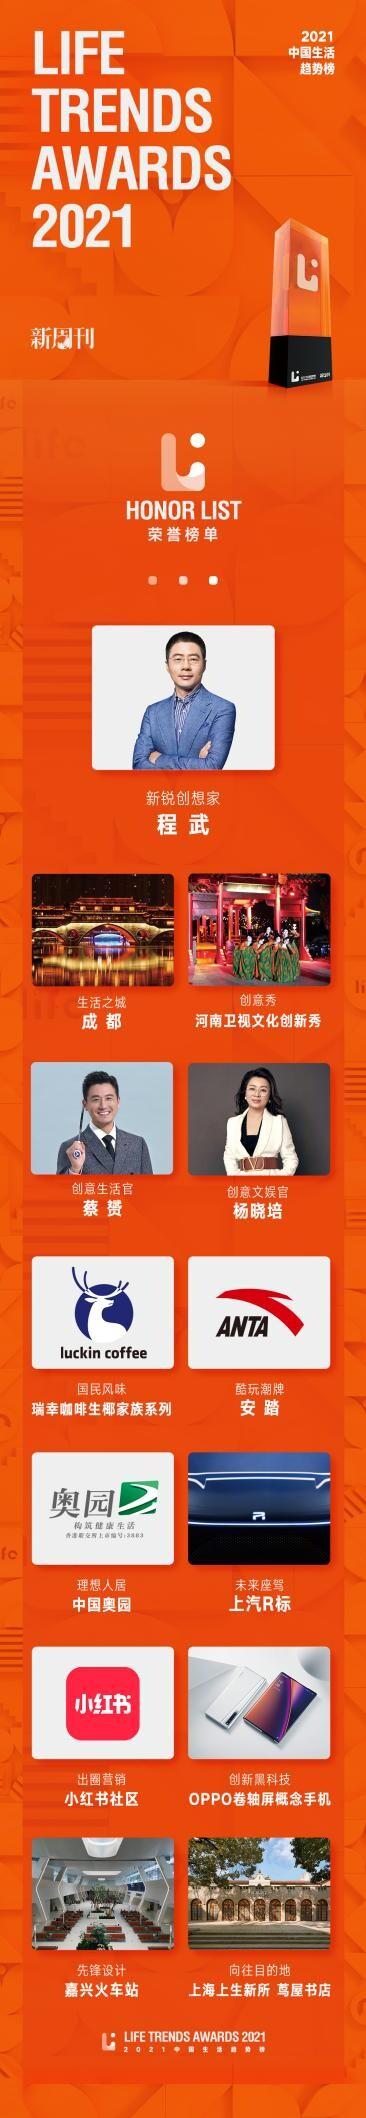 新周刊发布2021中国生活趋势榜,引领生活趋势流变